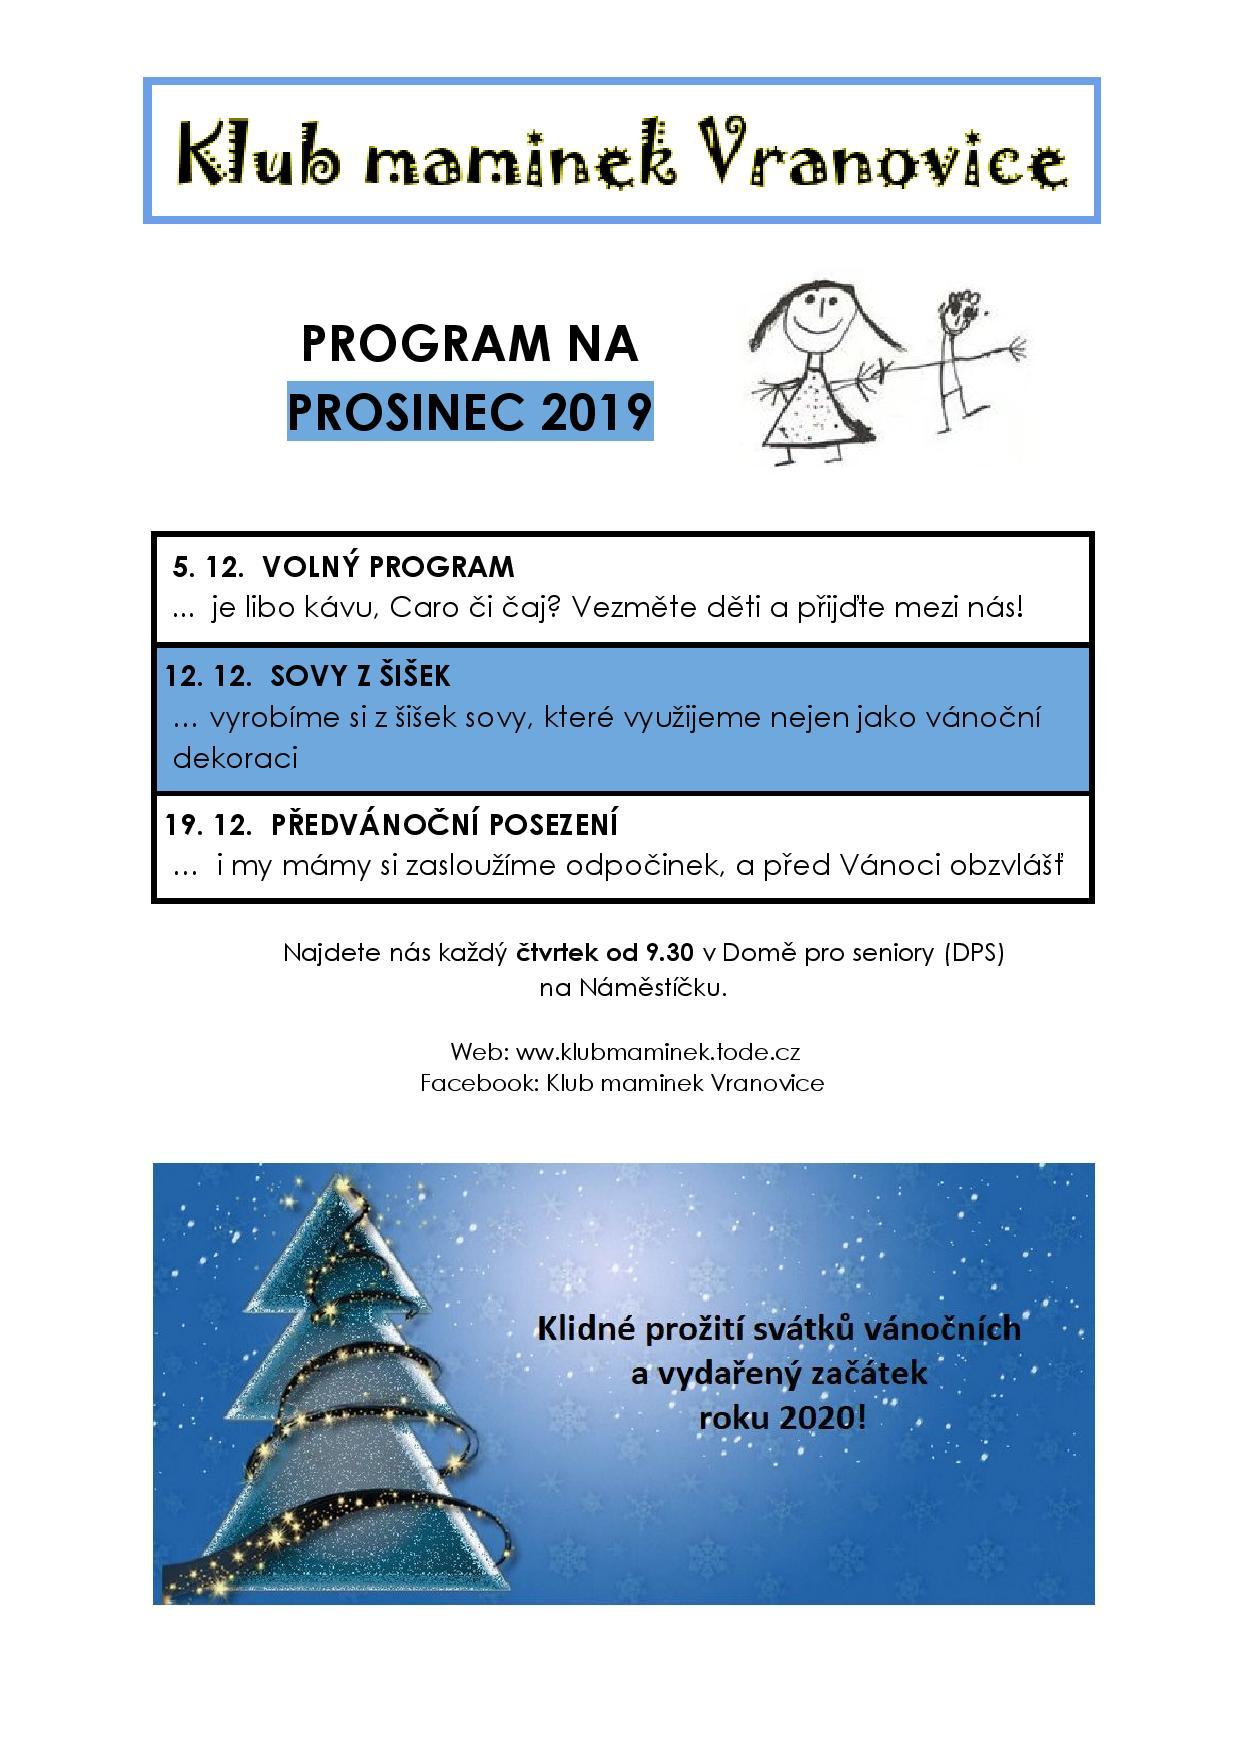 KMV_PROGRAM_12-2019-page-001